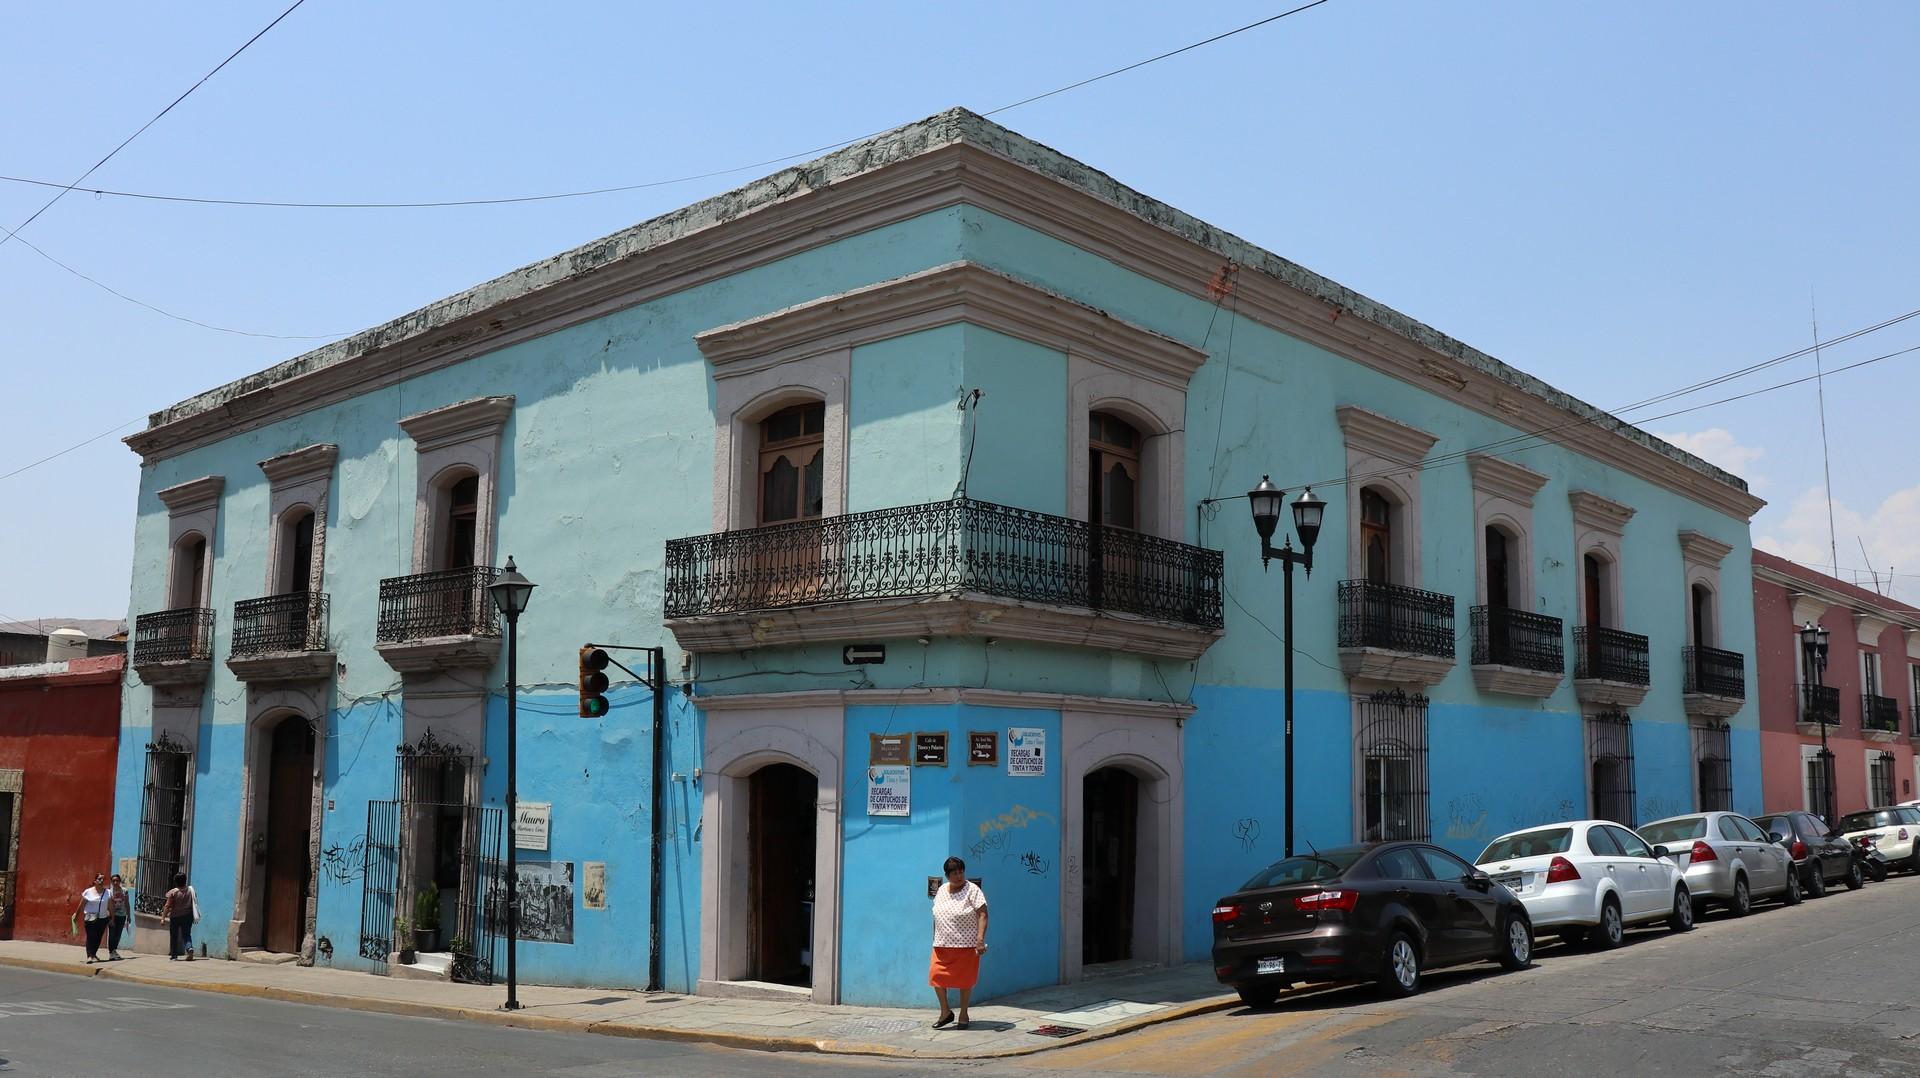 2018-04-04 Oaxaca-14